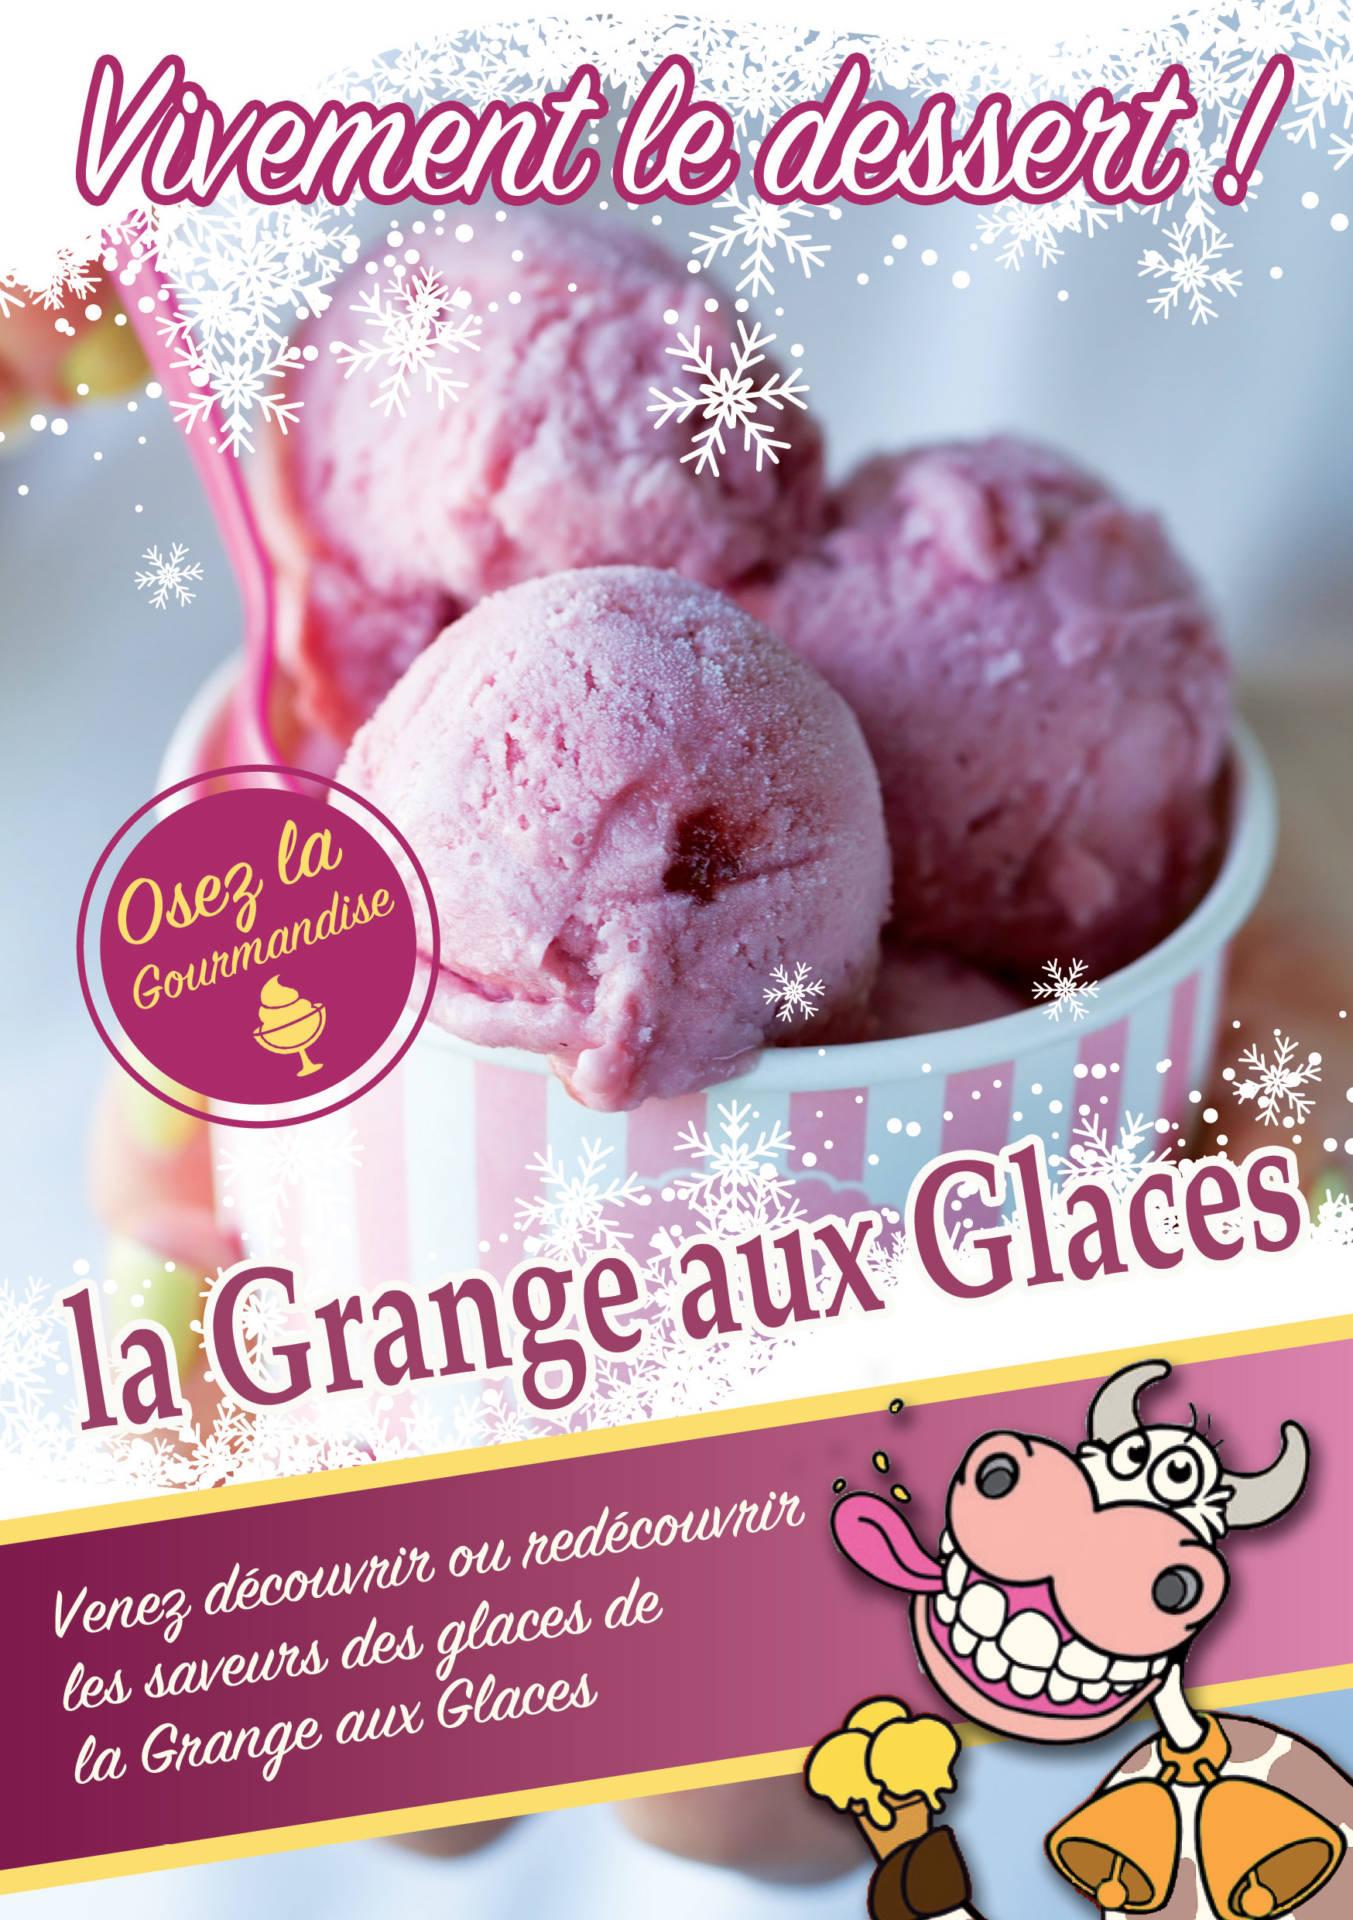 Un large choix de desserts glacés chez votre glacier près de Saint-Étienne | La Grange aux Glaces